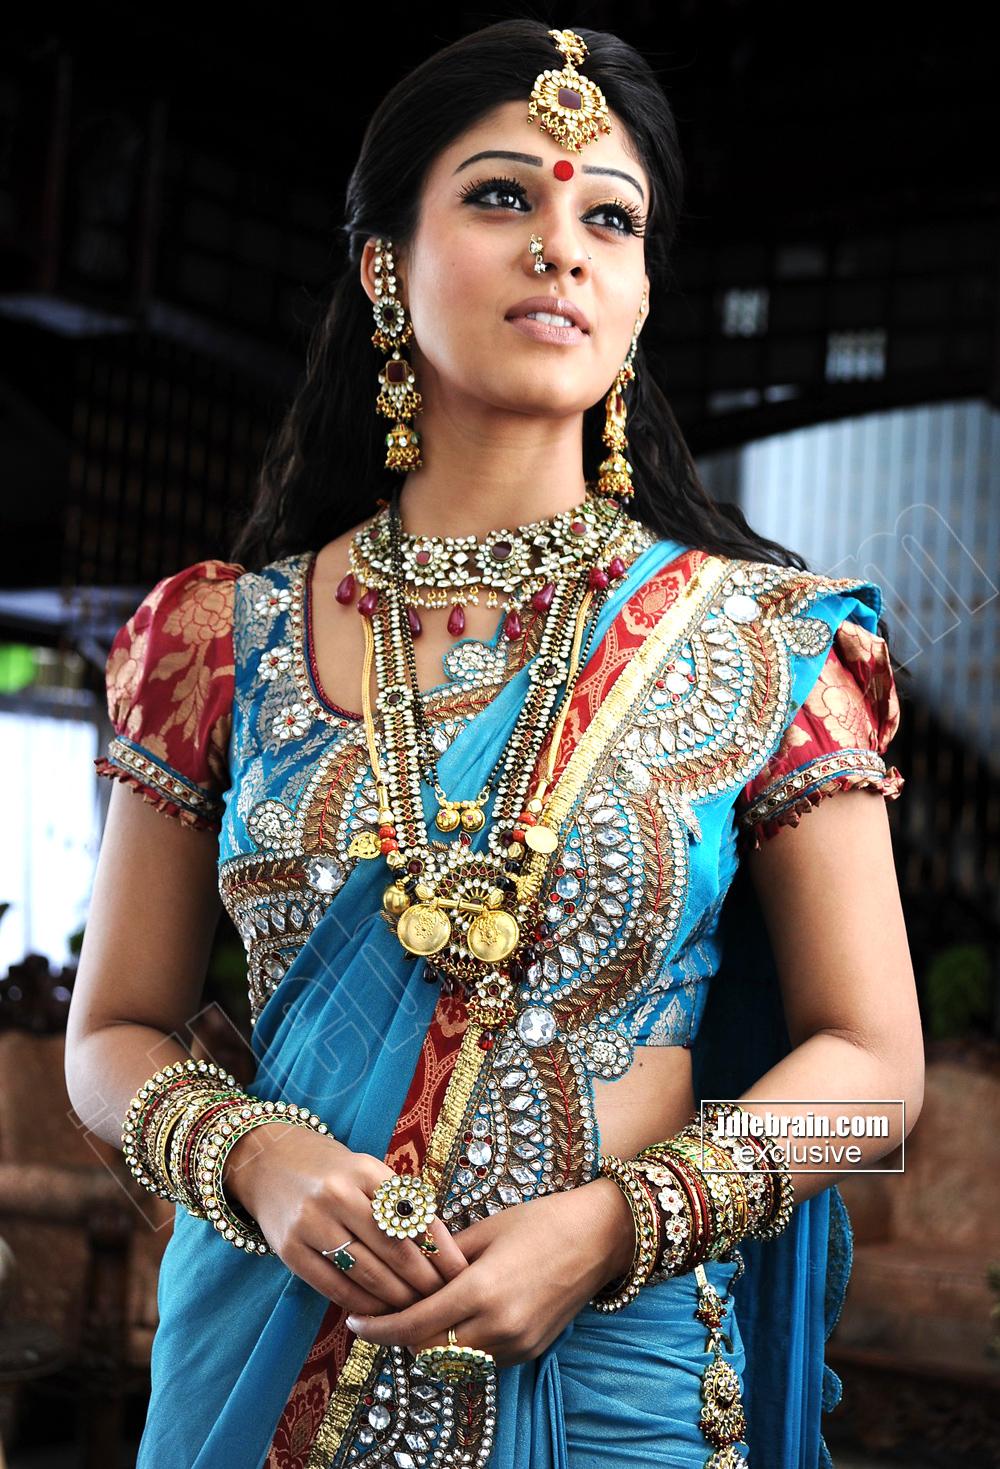 Hot Indian Actress Blog Actress Nayanthara Hot Looks In -9336